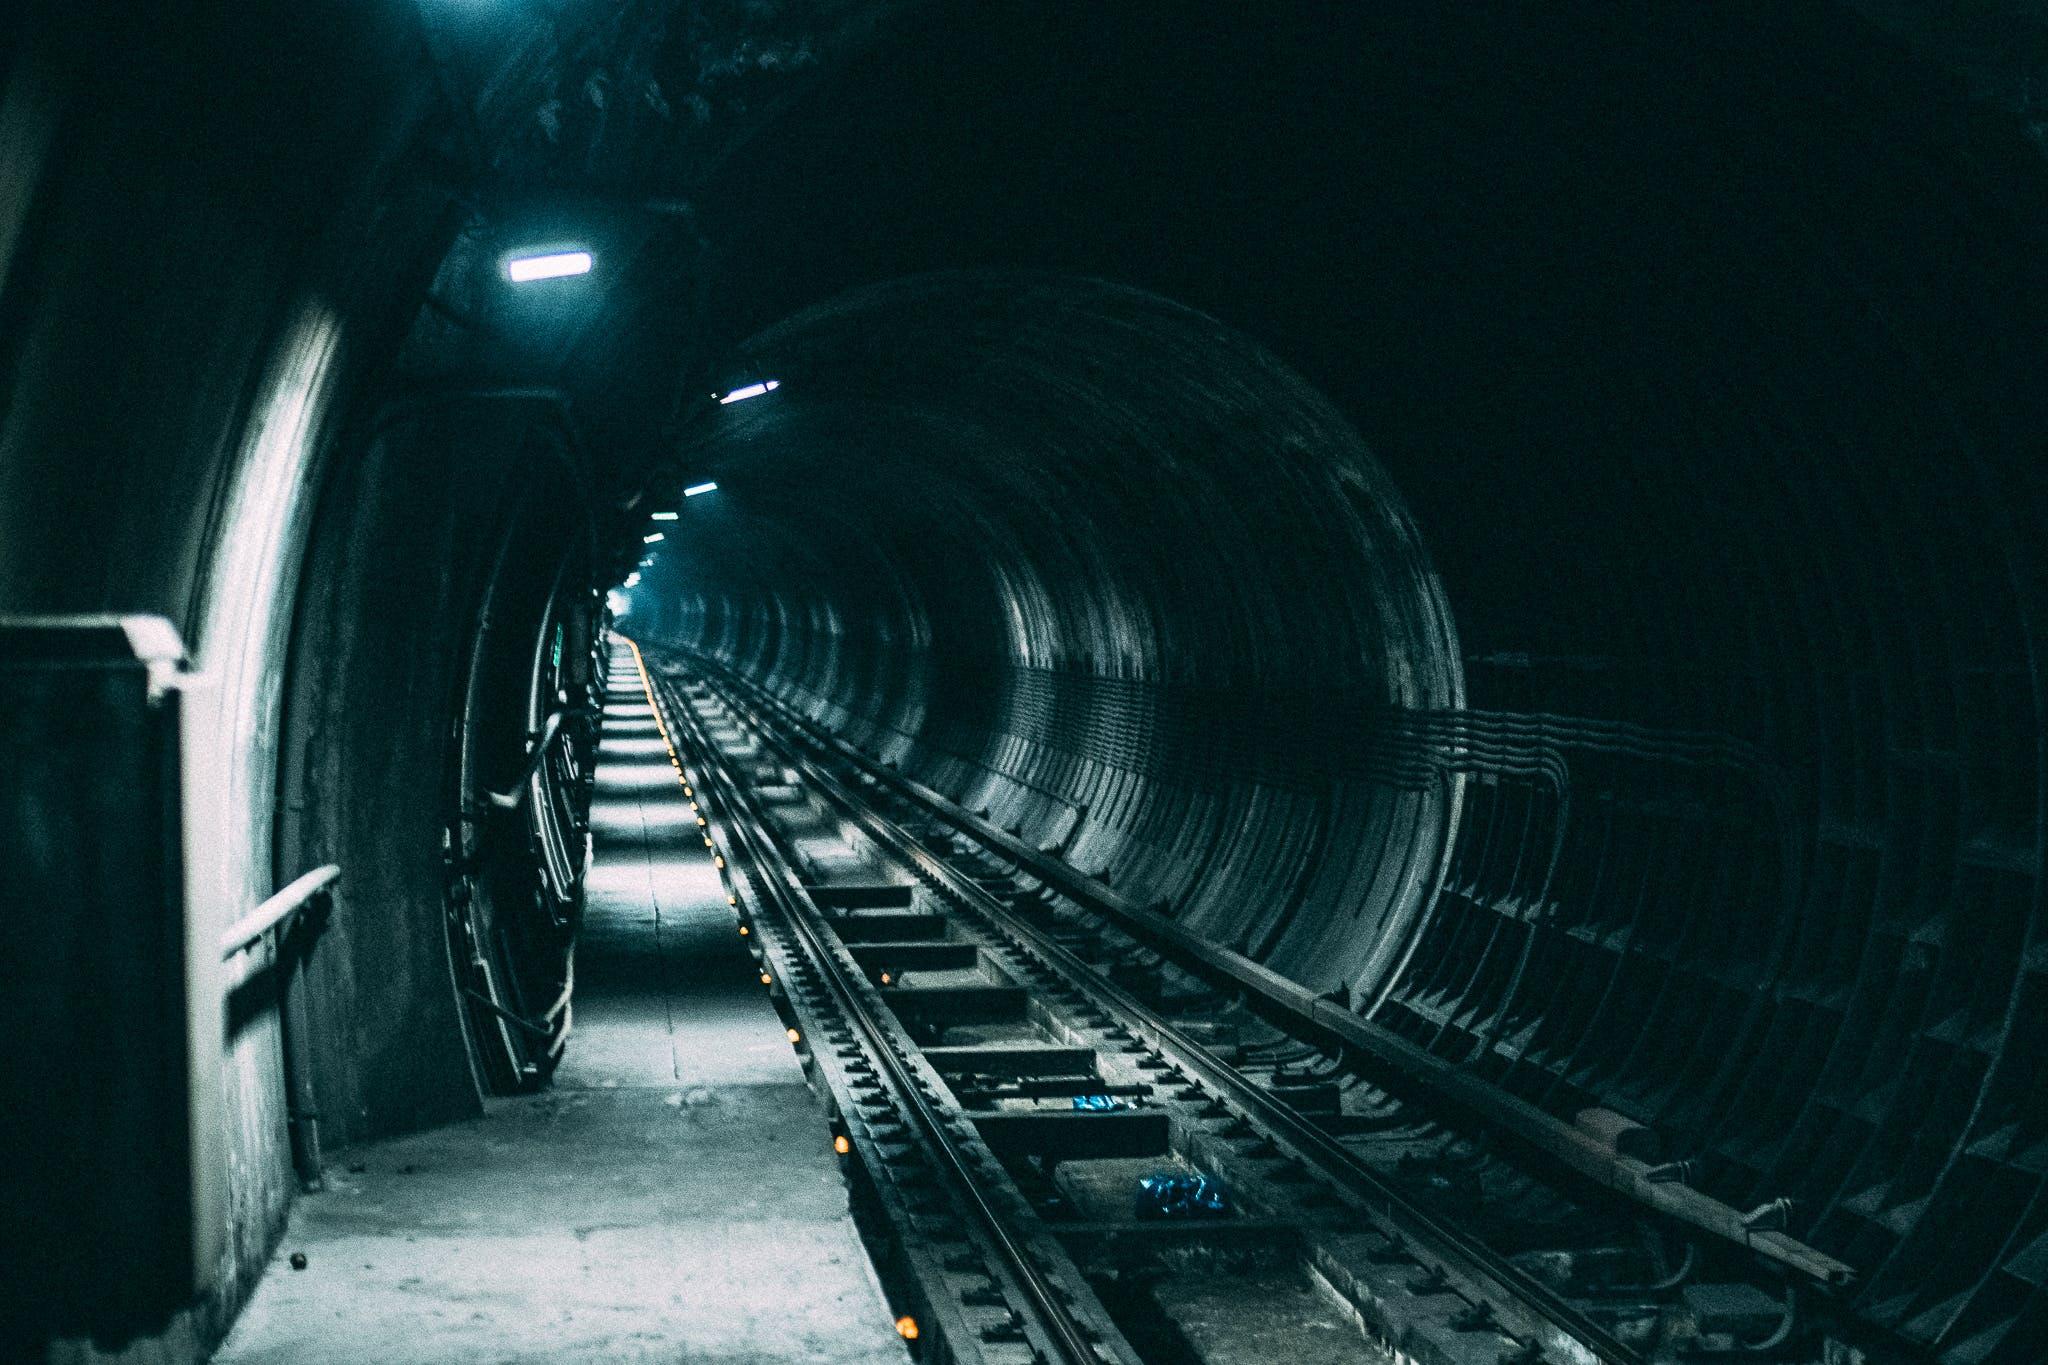 beleuchtung, dunkel, eisenbahn